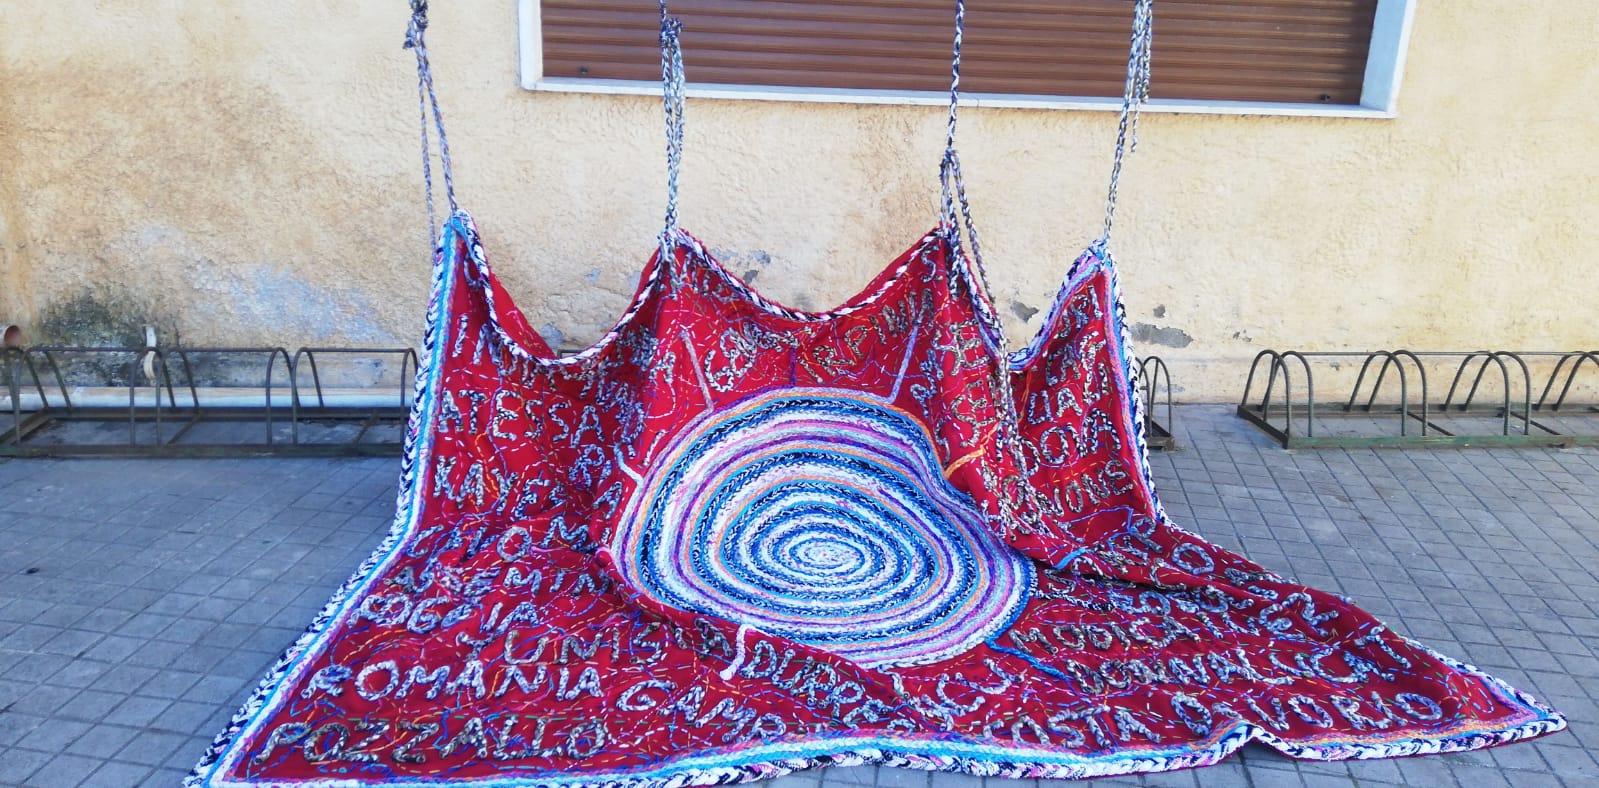 Officin&Ideali, a San Sperate sono esposti l'arazzo e la bandiera donata al Comune dall'atelier artistico di Jonida Xheri